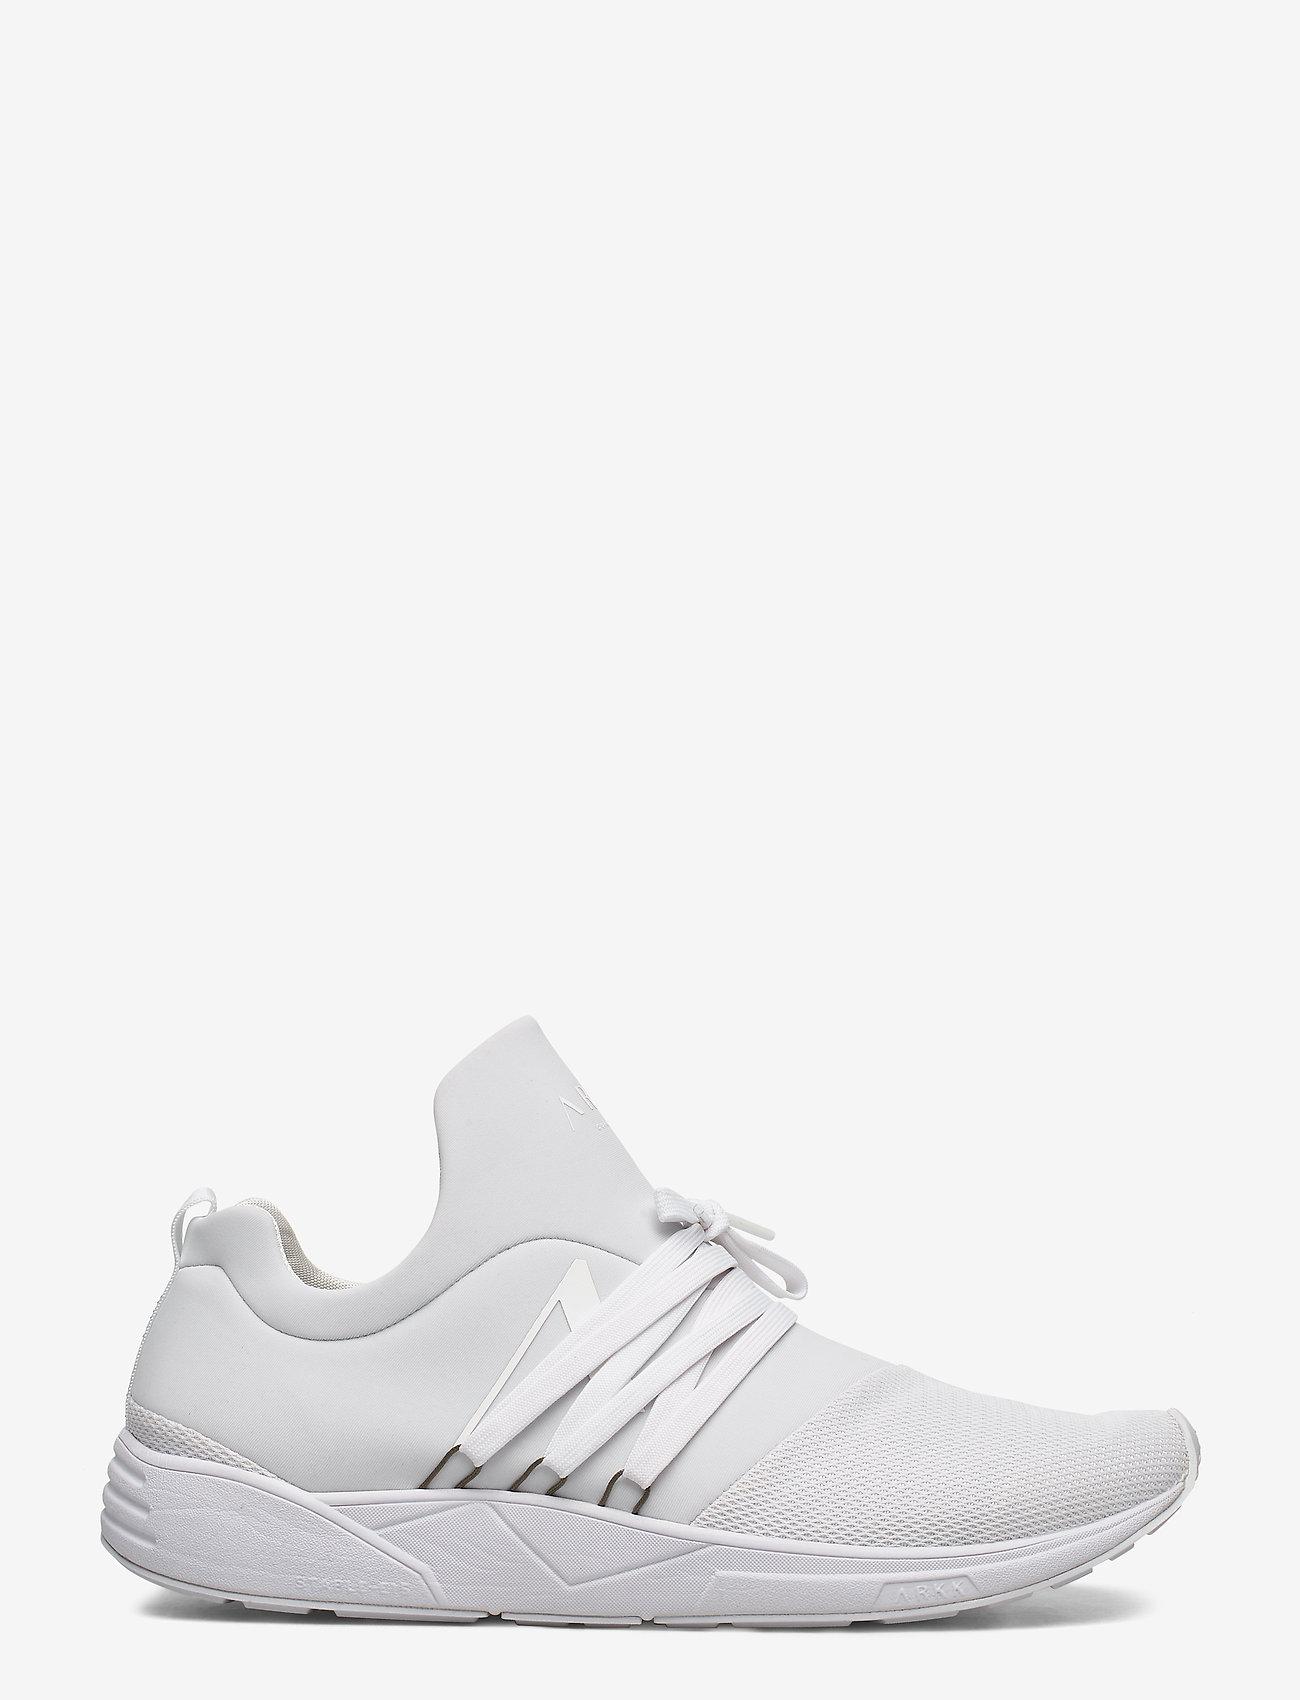 Arkk Copenhagenraven Mesh S-e15 White Army - Men Sneaker